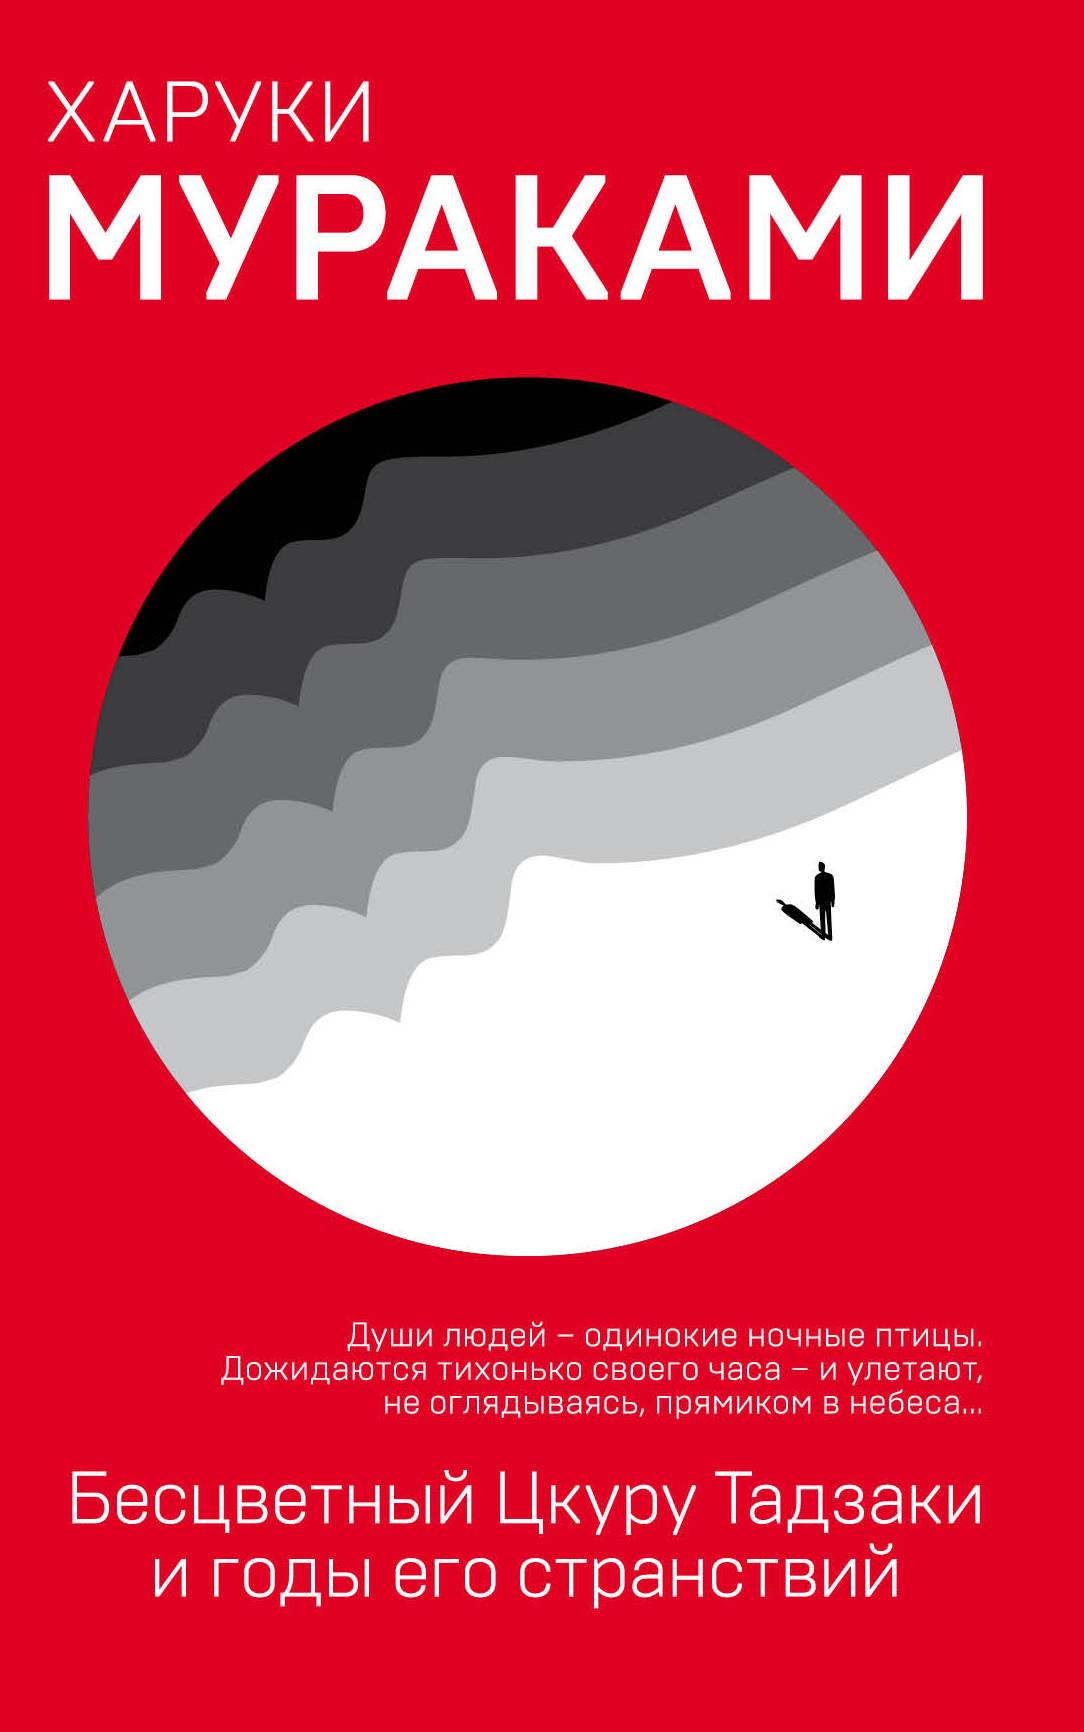 Харуки Мураками «Бесцветный Цкуру Тадзаки и годы его странствий»